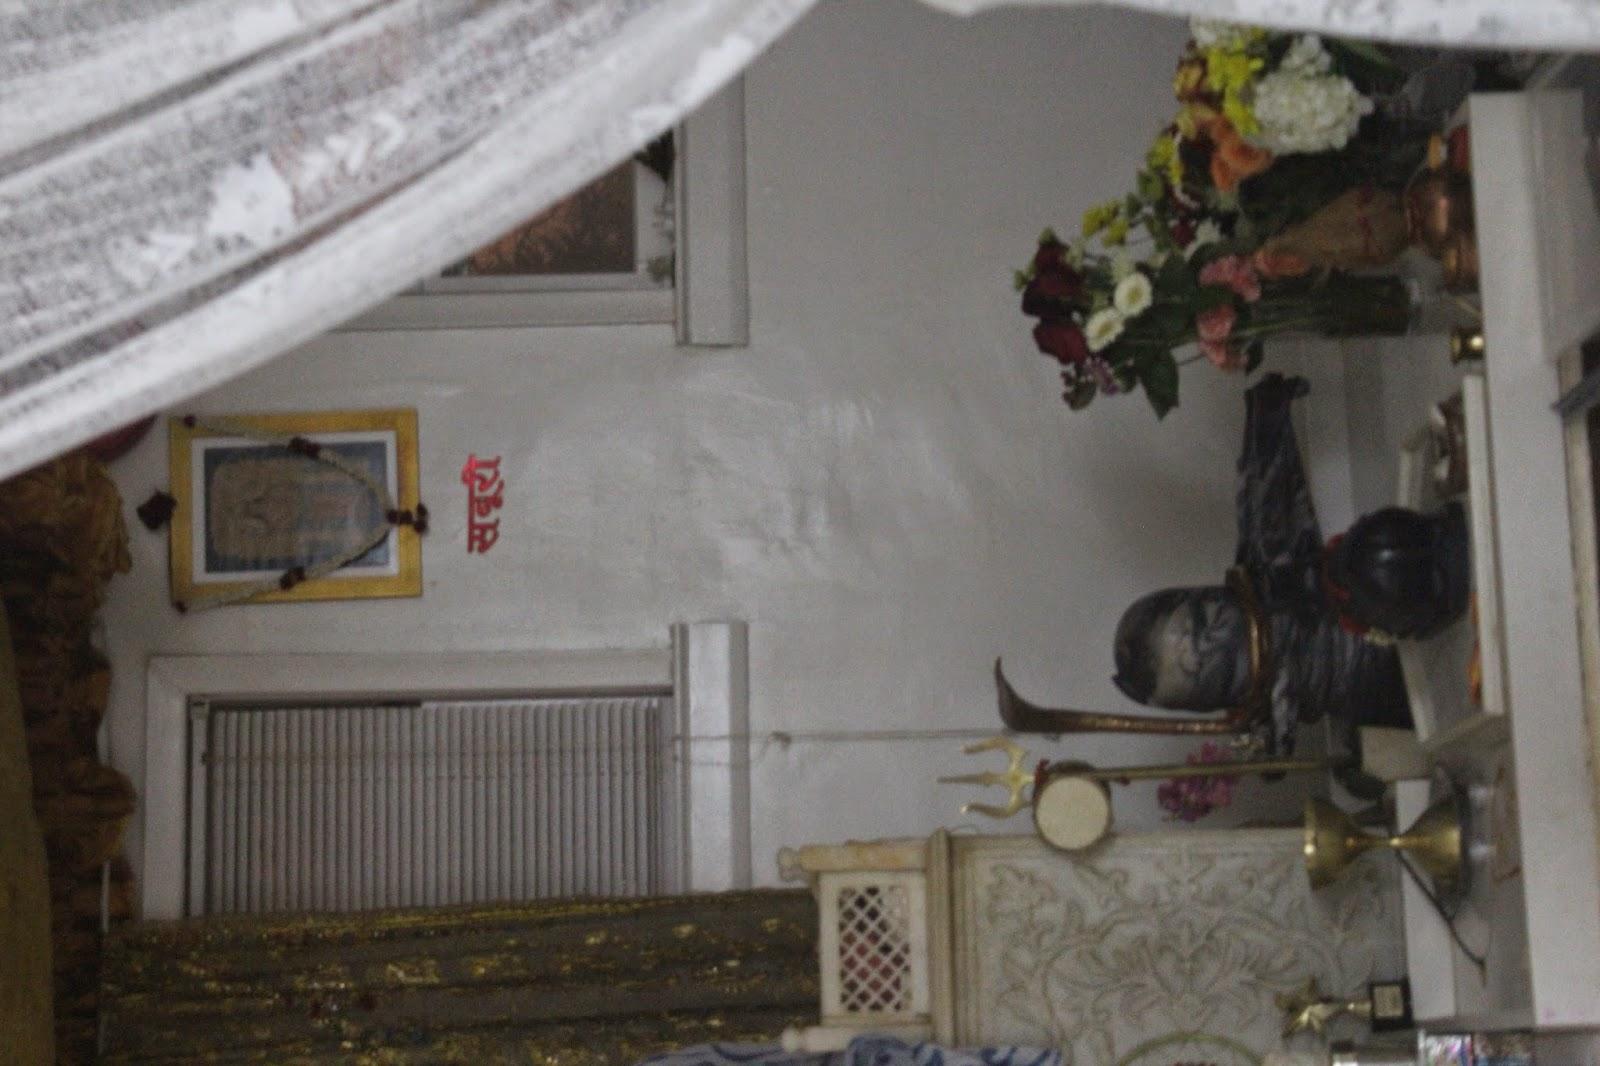 Shirdi Sai Baba's Live Darshan in Canada